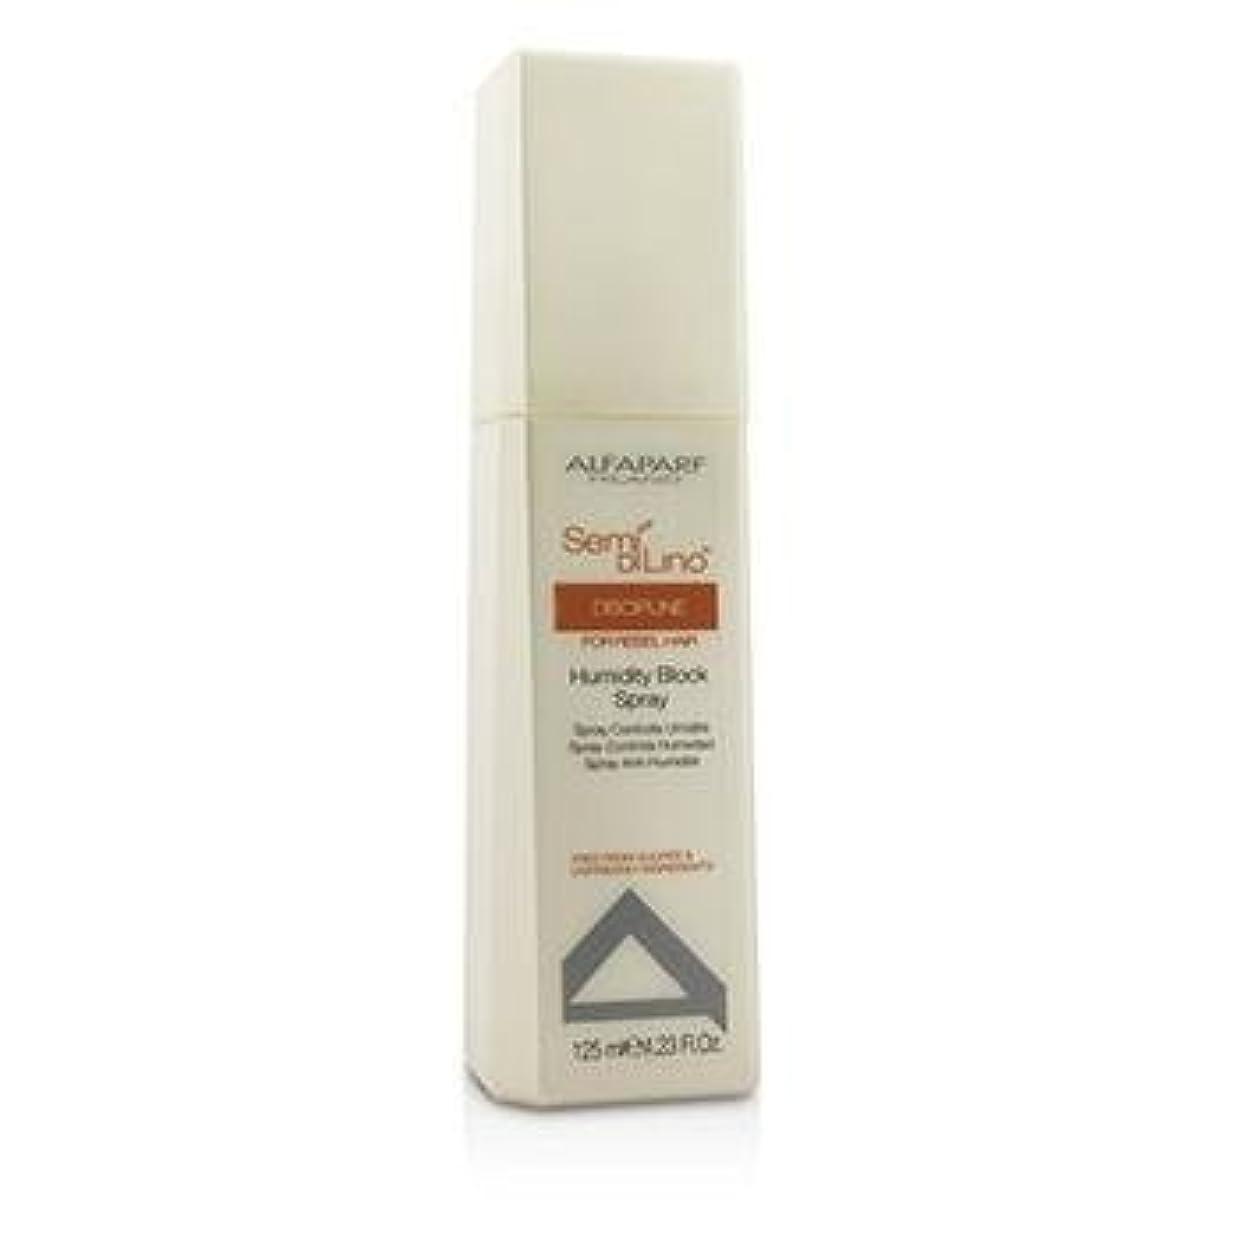 シットコム禁輸花火アルファパルフ Semi Di Lino Discipline Humidity Block Spray (For Rebel Hair) 125ml